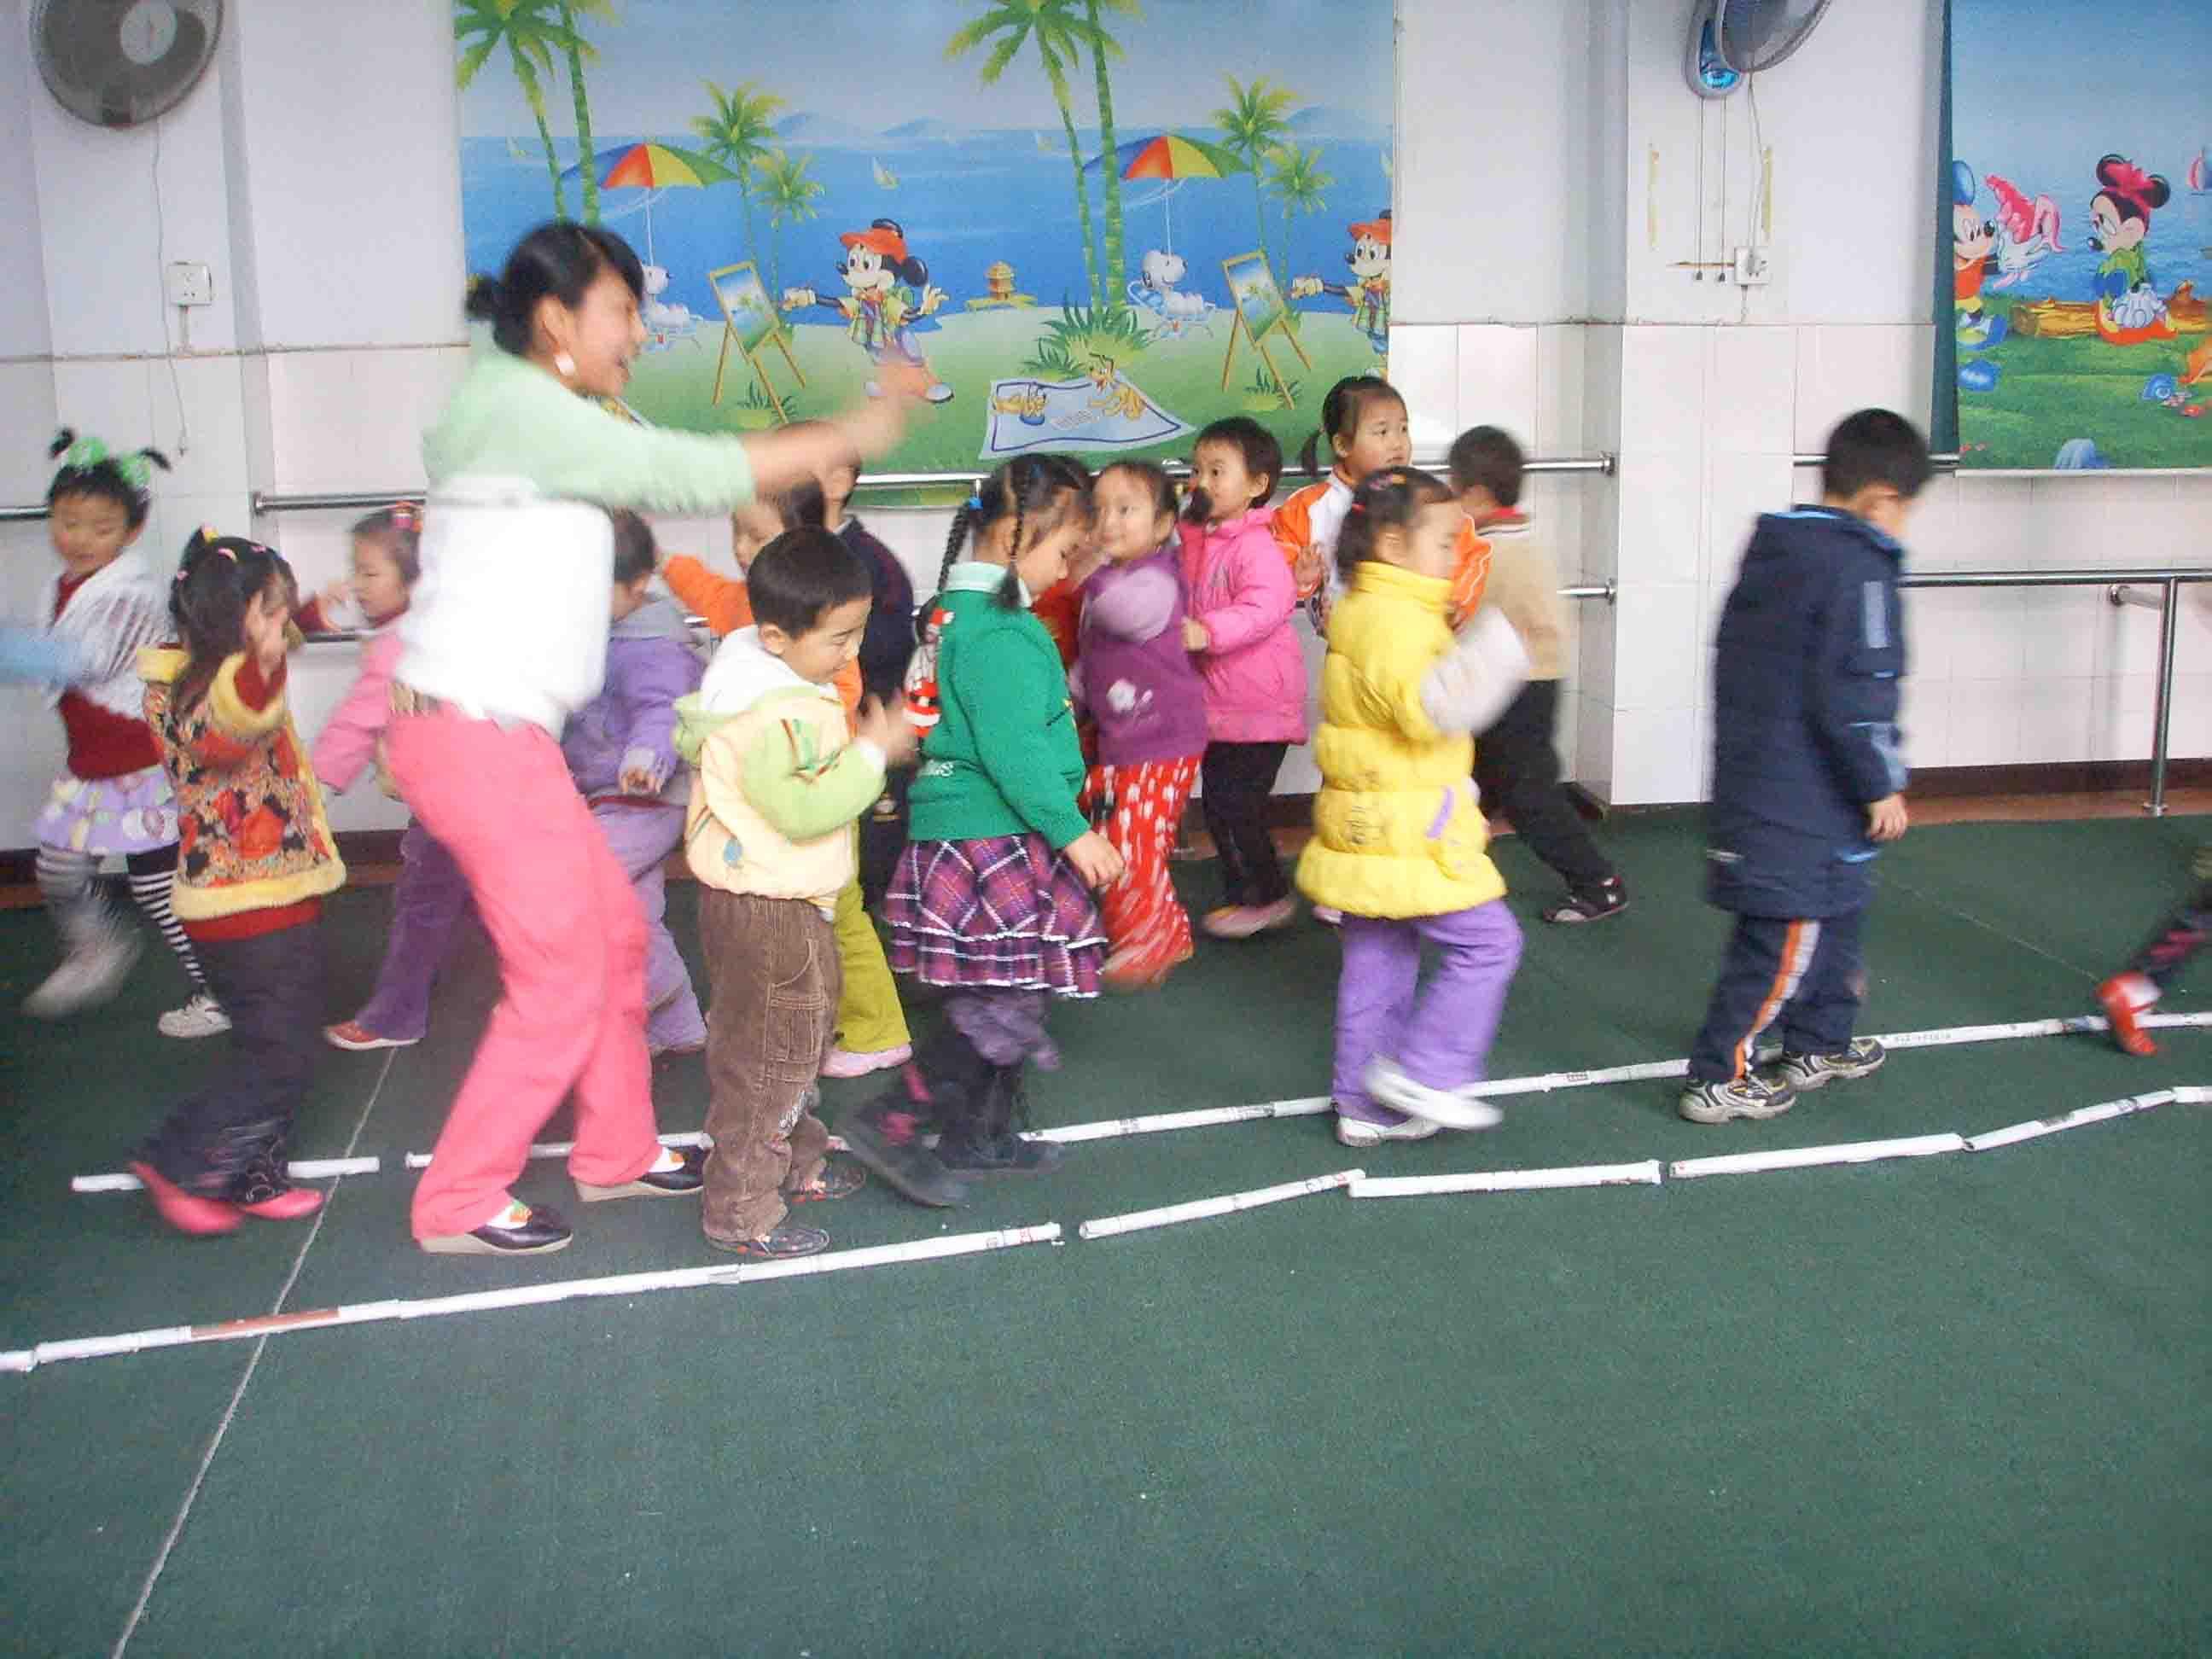 青神县幼儿园